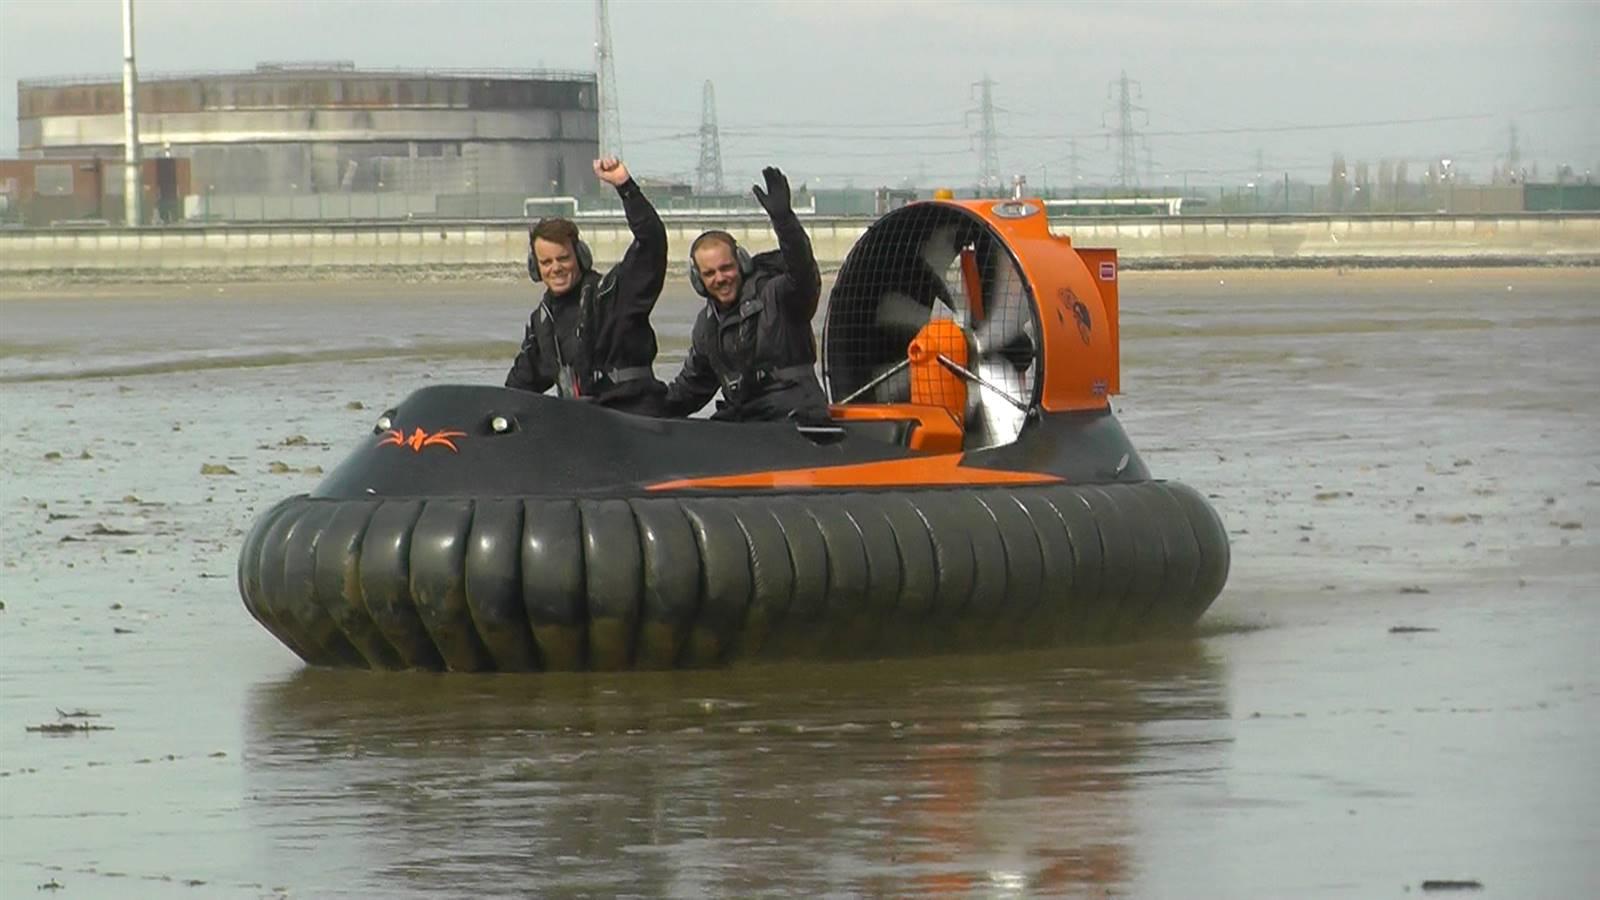 Hovercraft pair in mud